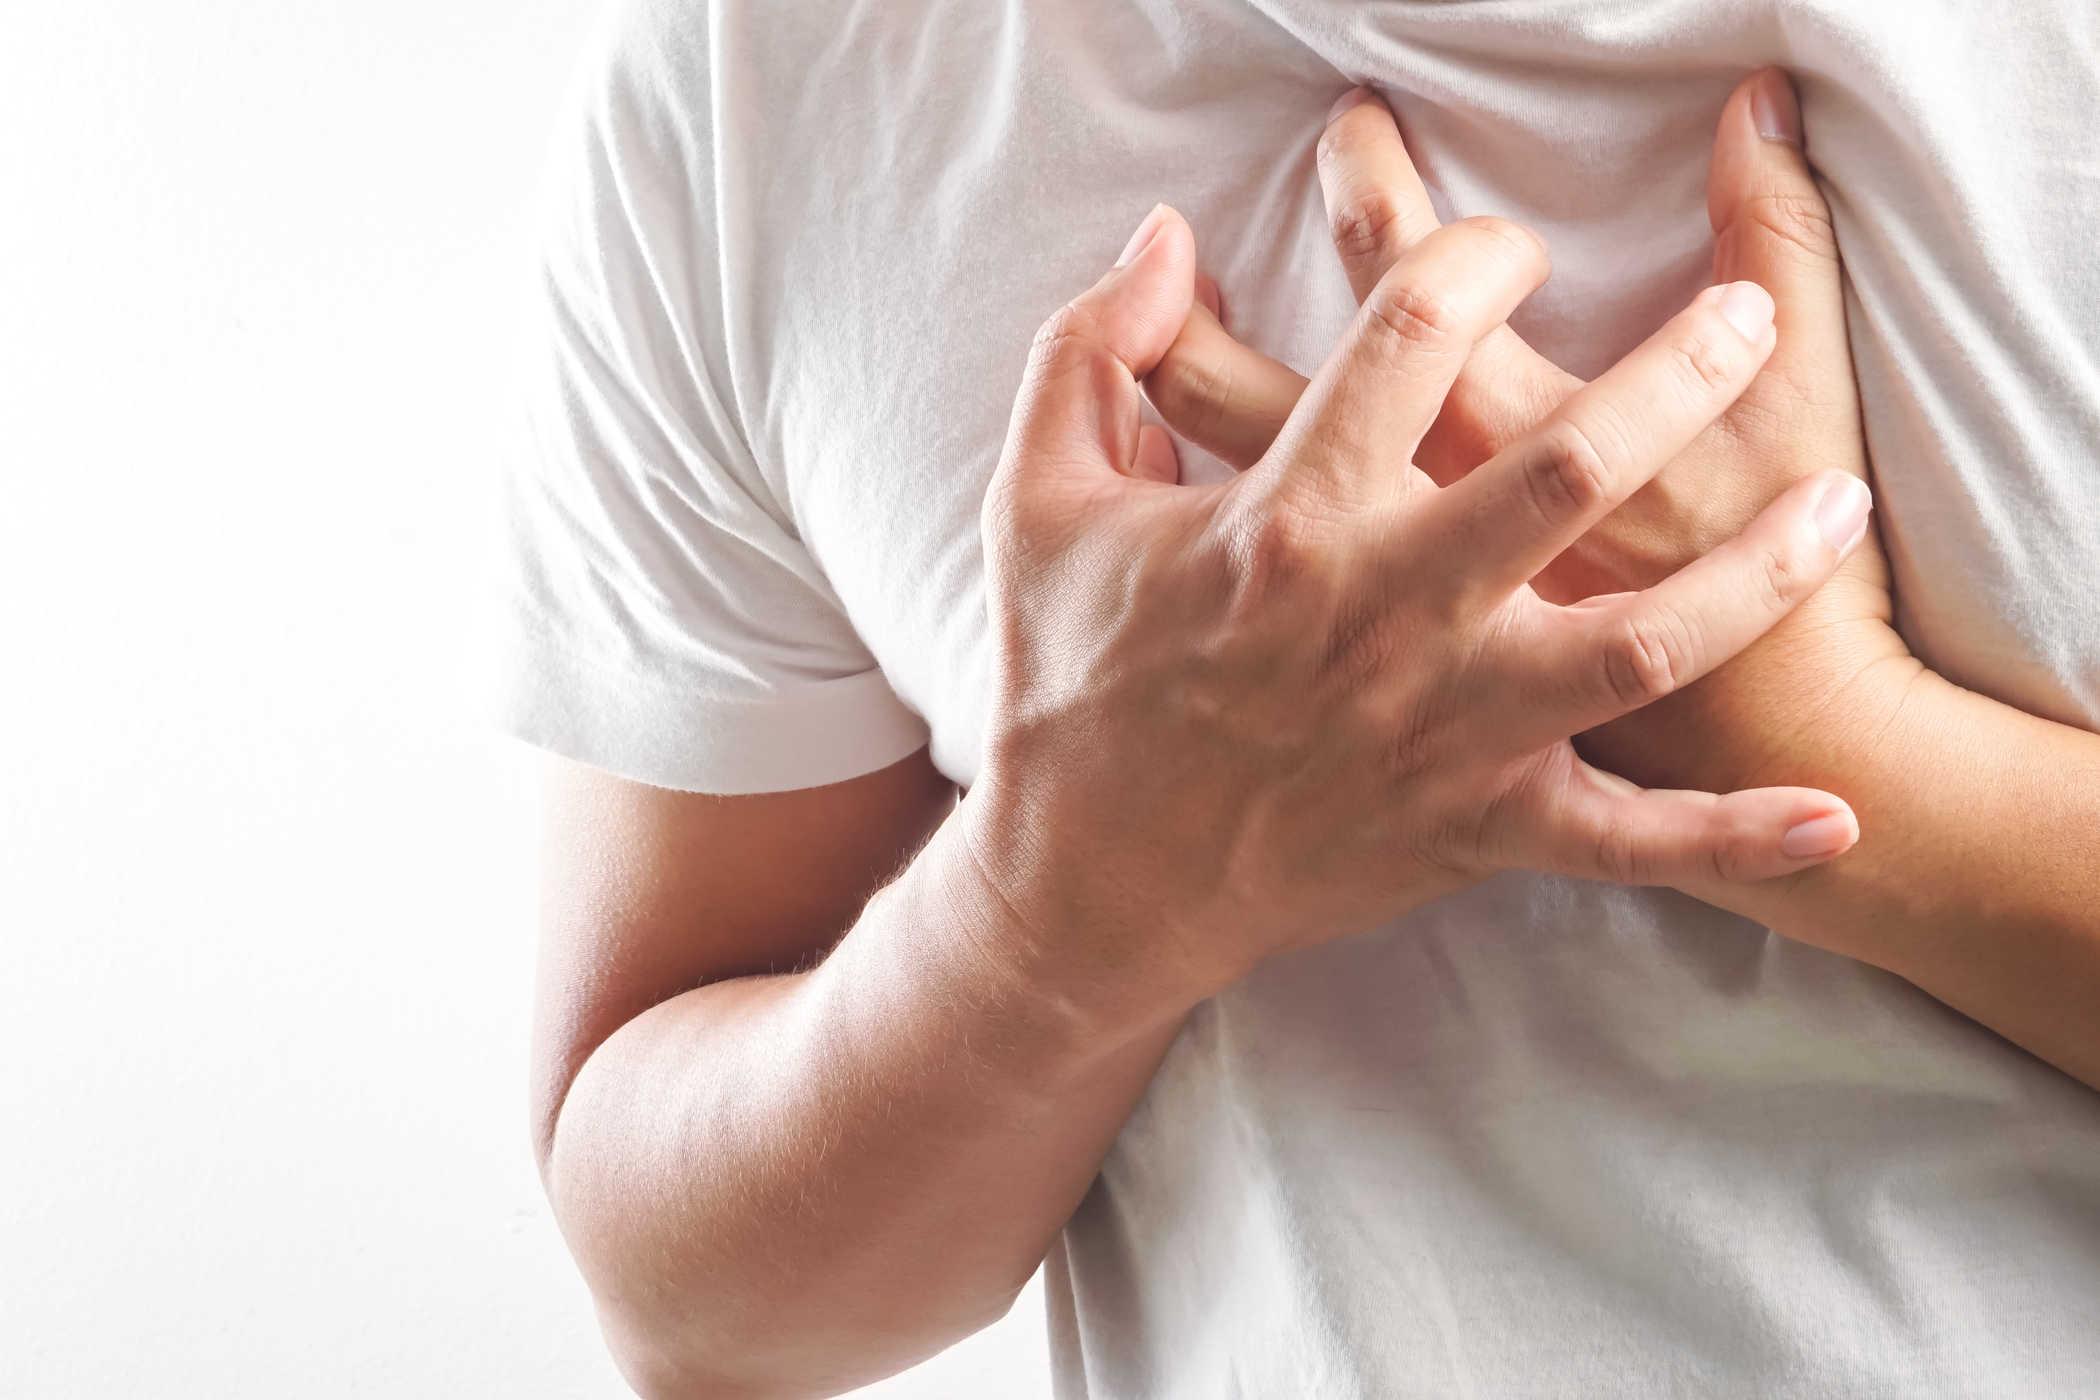 mối liên hệ giữa bệnh vẩy nến và bệnh tim